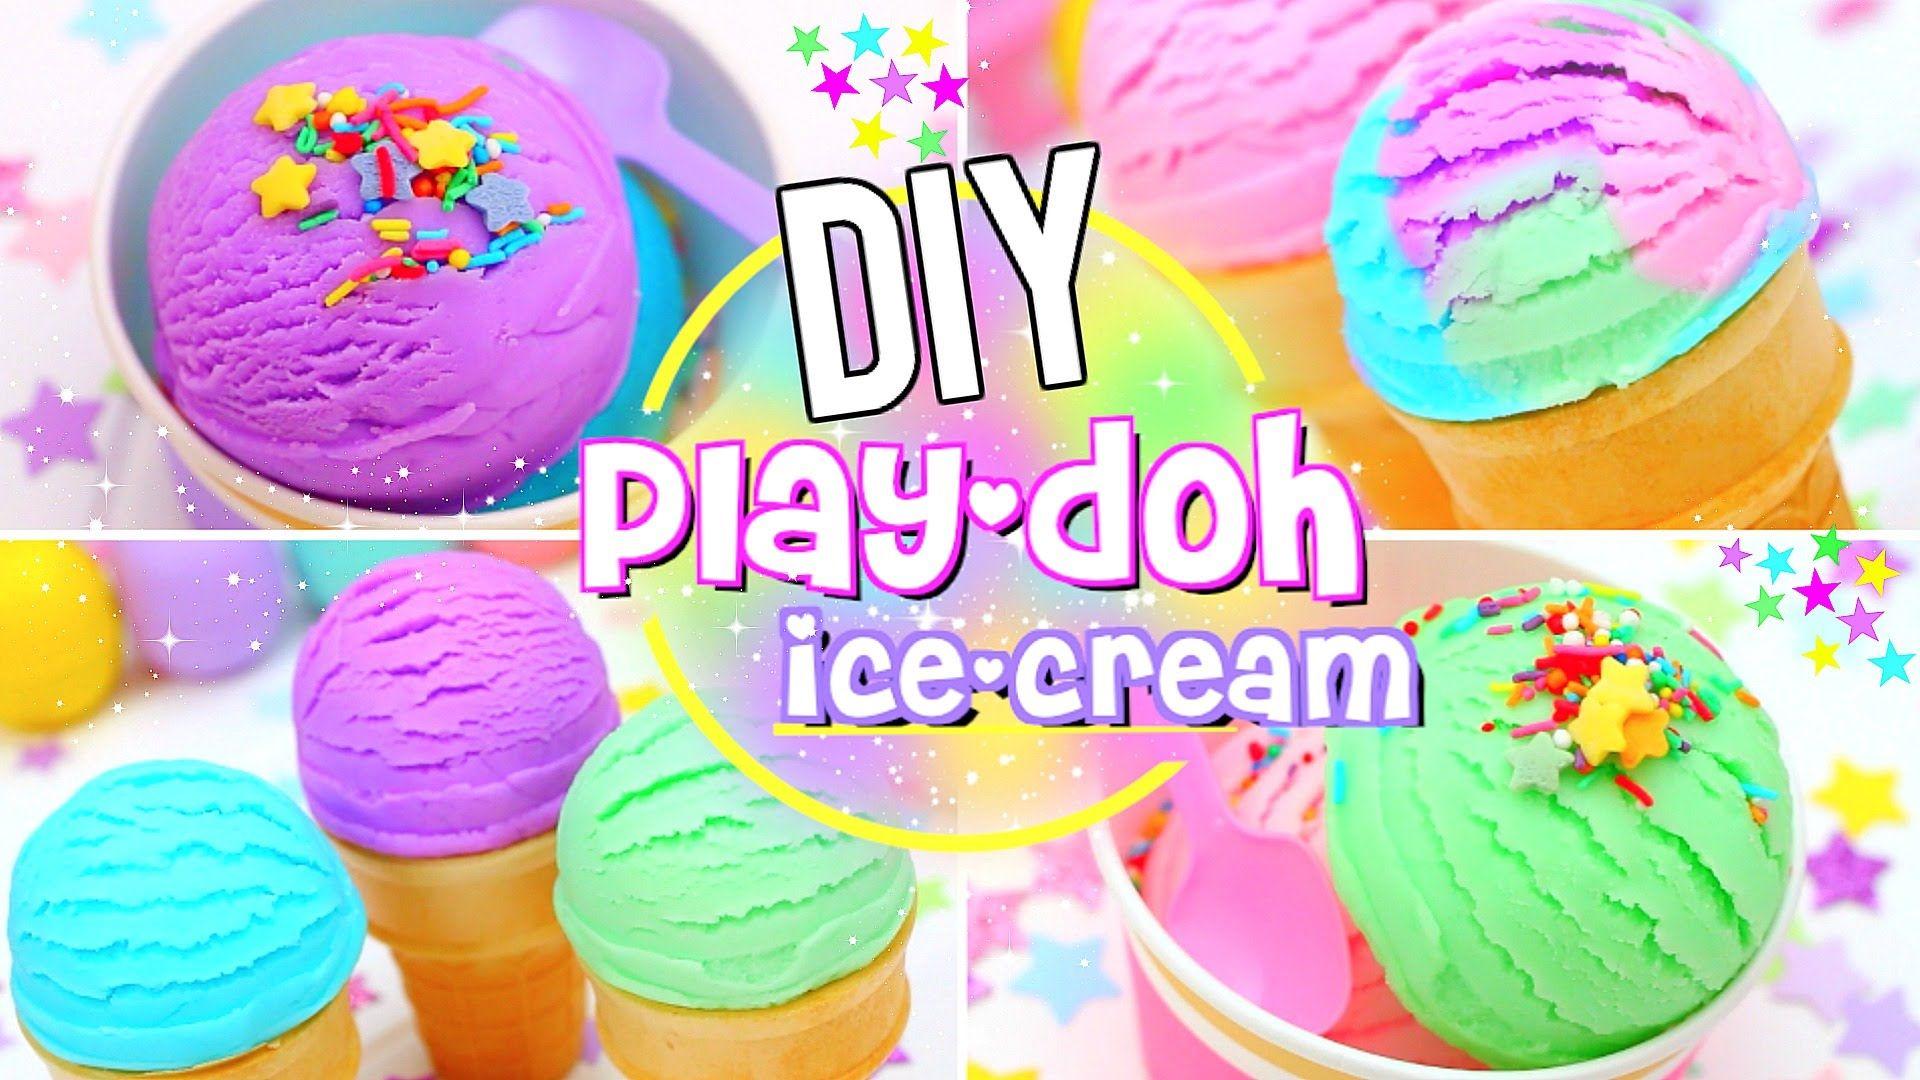 Diy edible play dough ice cream youtube diys pinterest diy edible play dough ice cream youtube ccuart Image collections